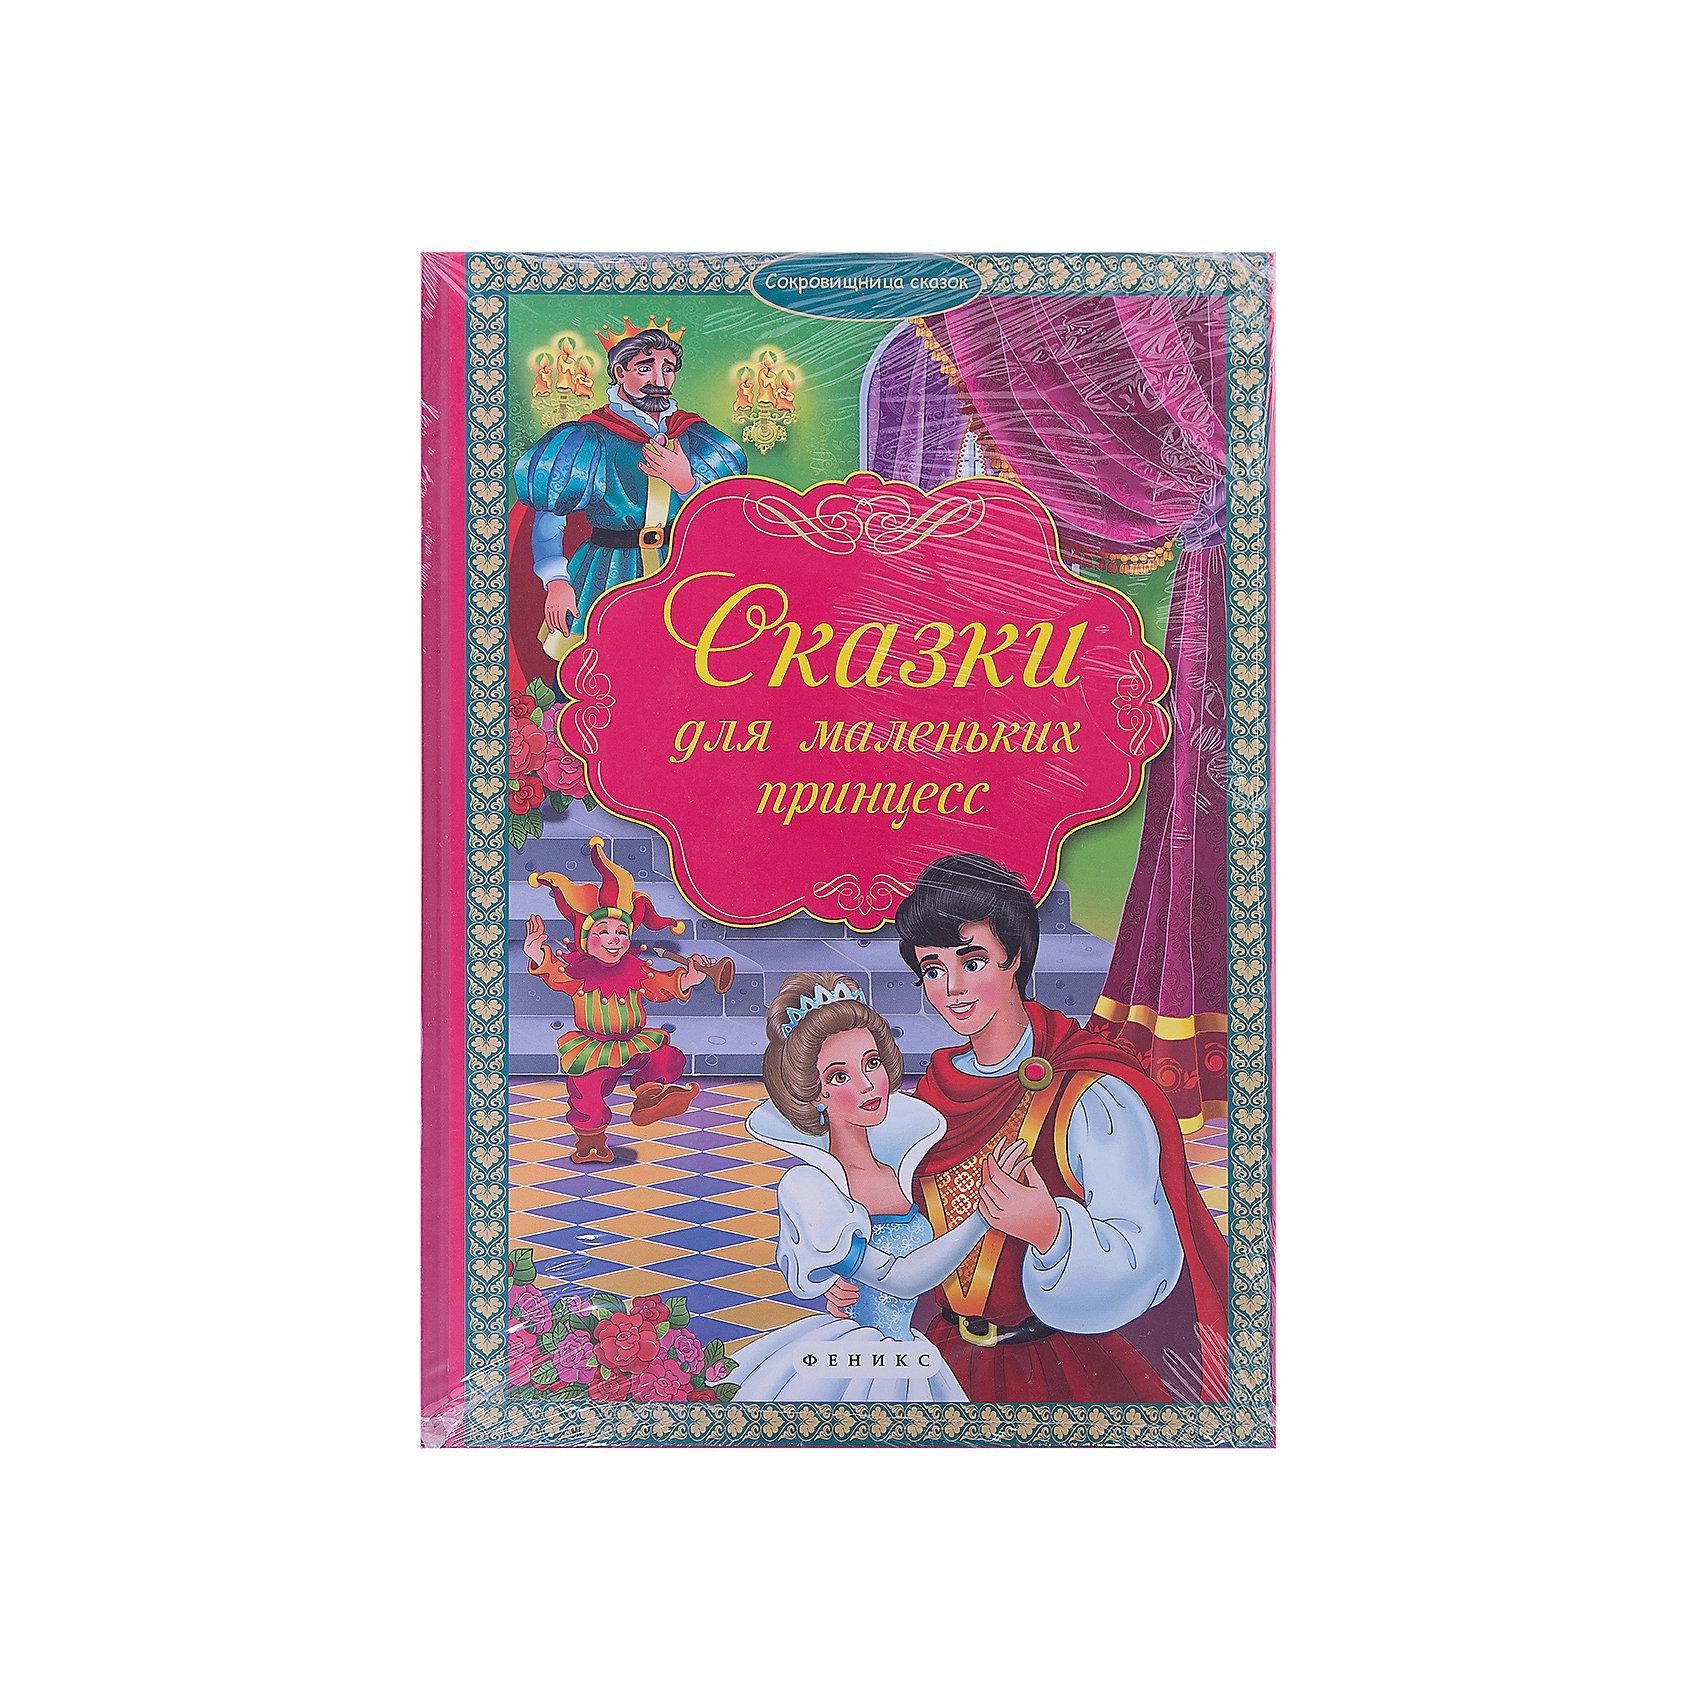 Сказки для маленьких принцессСказки<br>Характеристики товара: <br><br>• ISBN: 978-5-222-24427-2; <br>• возраст: от 7 лет;<br>• формат: 70*108/8; <br>• бумага: мелованная; <br>• иллюстрации: цветные; <br>• серия: Сокровищница сказок;<br>• издательство: Феникс; <br>• количество страниц: 80; <br>• художник: Мосияш М. С., Карманова М. А., Митченко Юлия;<br>• размер: 34х24,7х1 см;<br>• вес: 704 грамм.<br><br>В издании «Сказки для маленьких принцесс» собраны самые прекрасные сказки, которые откроют девочке дверь в мир волшебства и чудес. Повествование сопровождается изумительными иллюстрации, которые сделают чтение еще интереснее. Сказки: «Русалочка», «Золушка», «Рапунцель», «Спящая красавица», «Дюймовочка», «Принцесса на горошине», «Подарки феи», «Белоснежка».<br><br>Книгу «Сказки для маленьких принцесс», Феникс можно купить в нашем интернет-магазине.<br><br>Ширина мм: 336<br>Глубина мм: 245<br>Высота мм: 10<br>Вес г: 5624<br>Возраст от месяцев: 12<br>Возраст до месяцев: 144<br>Пол: Унисекс<br>Возраст: Детский<br>SKU: 4770023